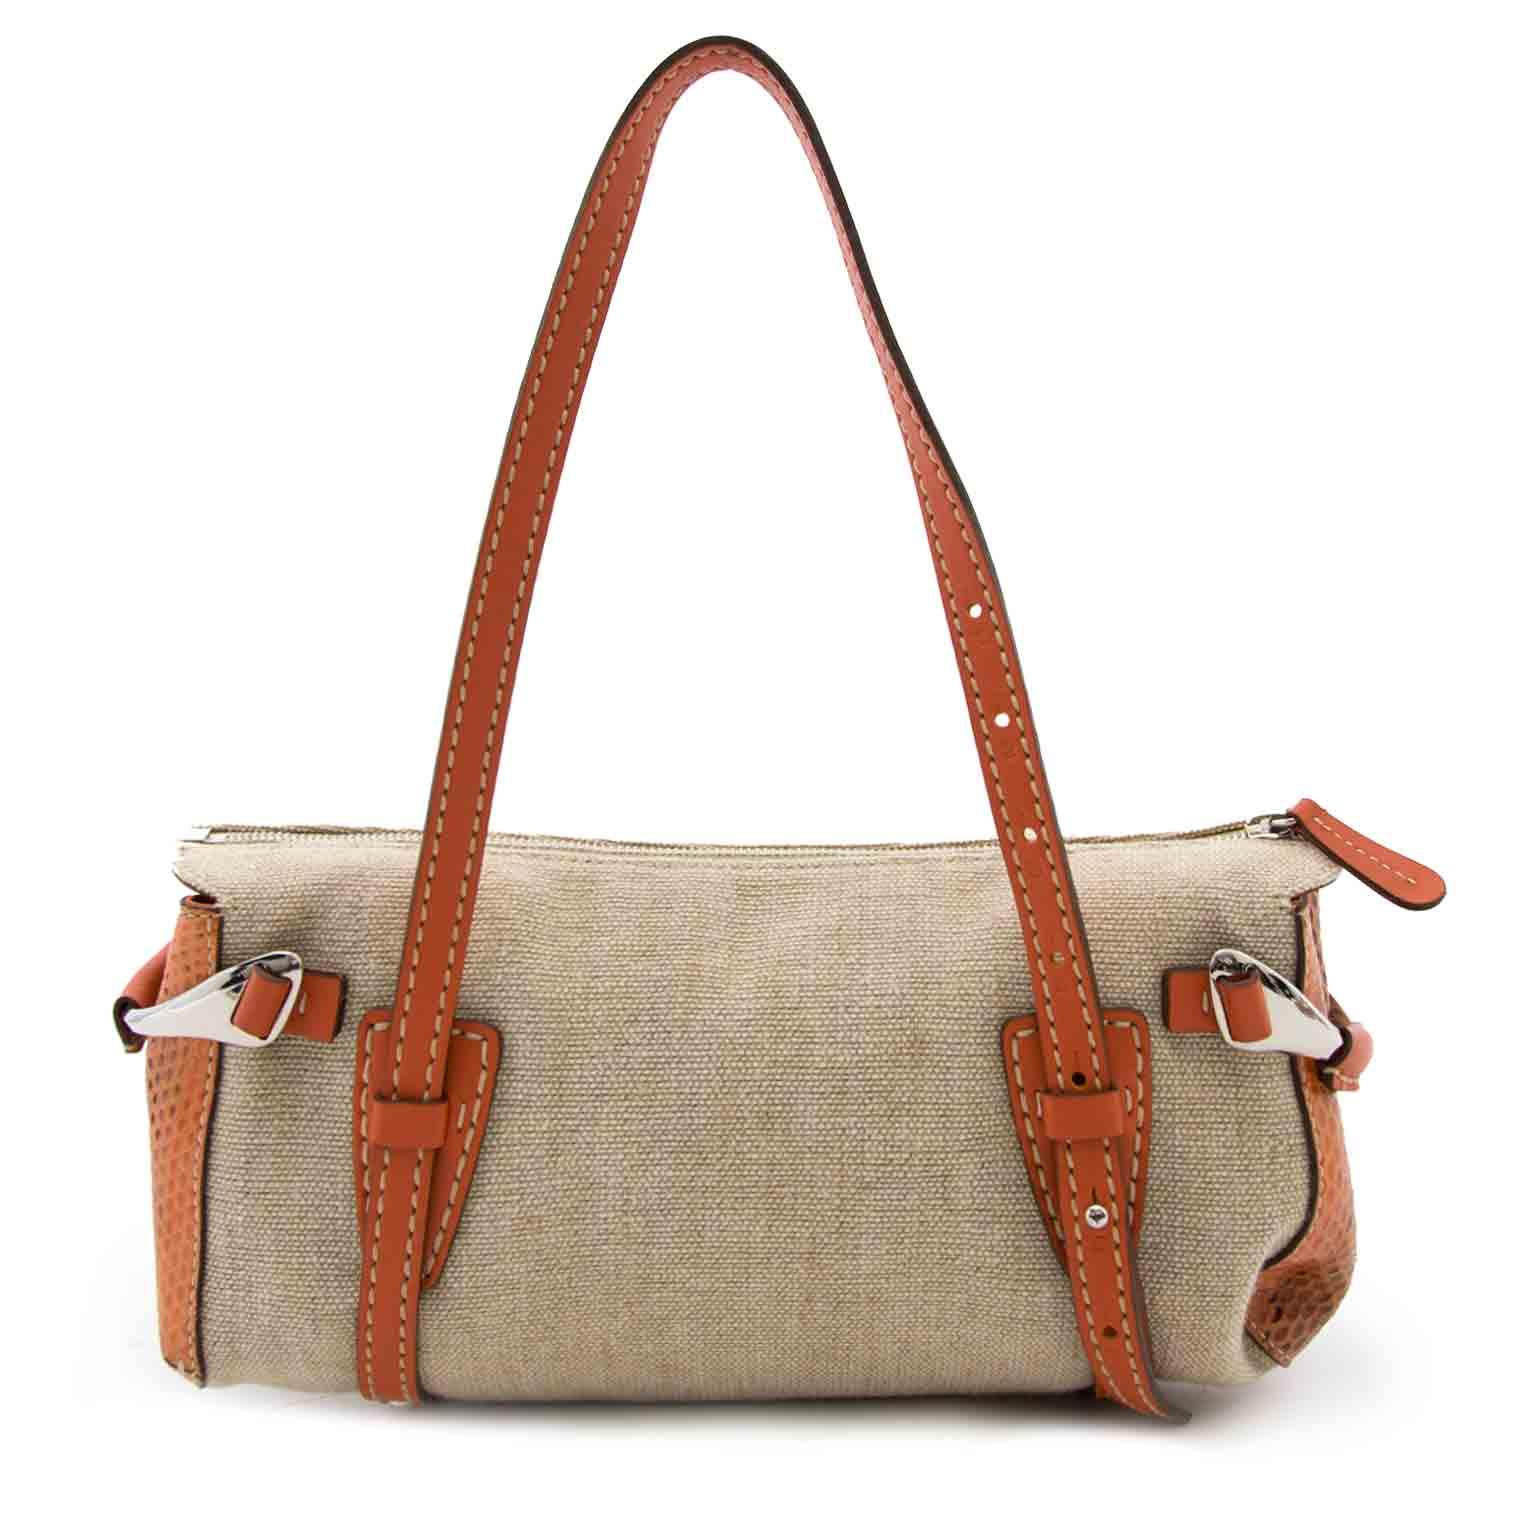 tod's linnen schoulder tas nu bij labellov.com tegen de beste prijs